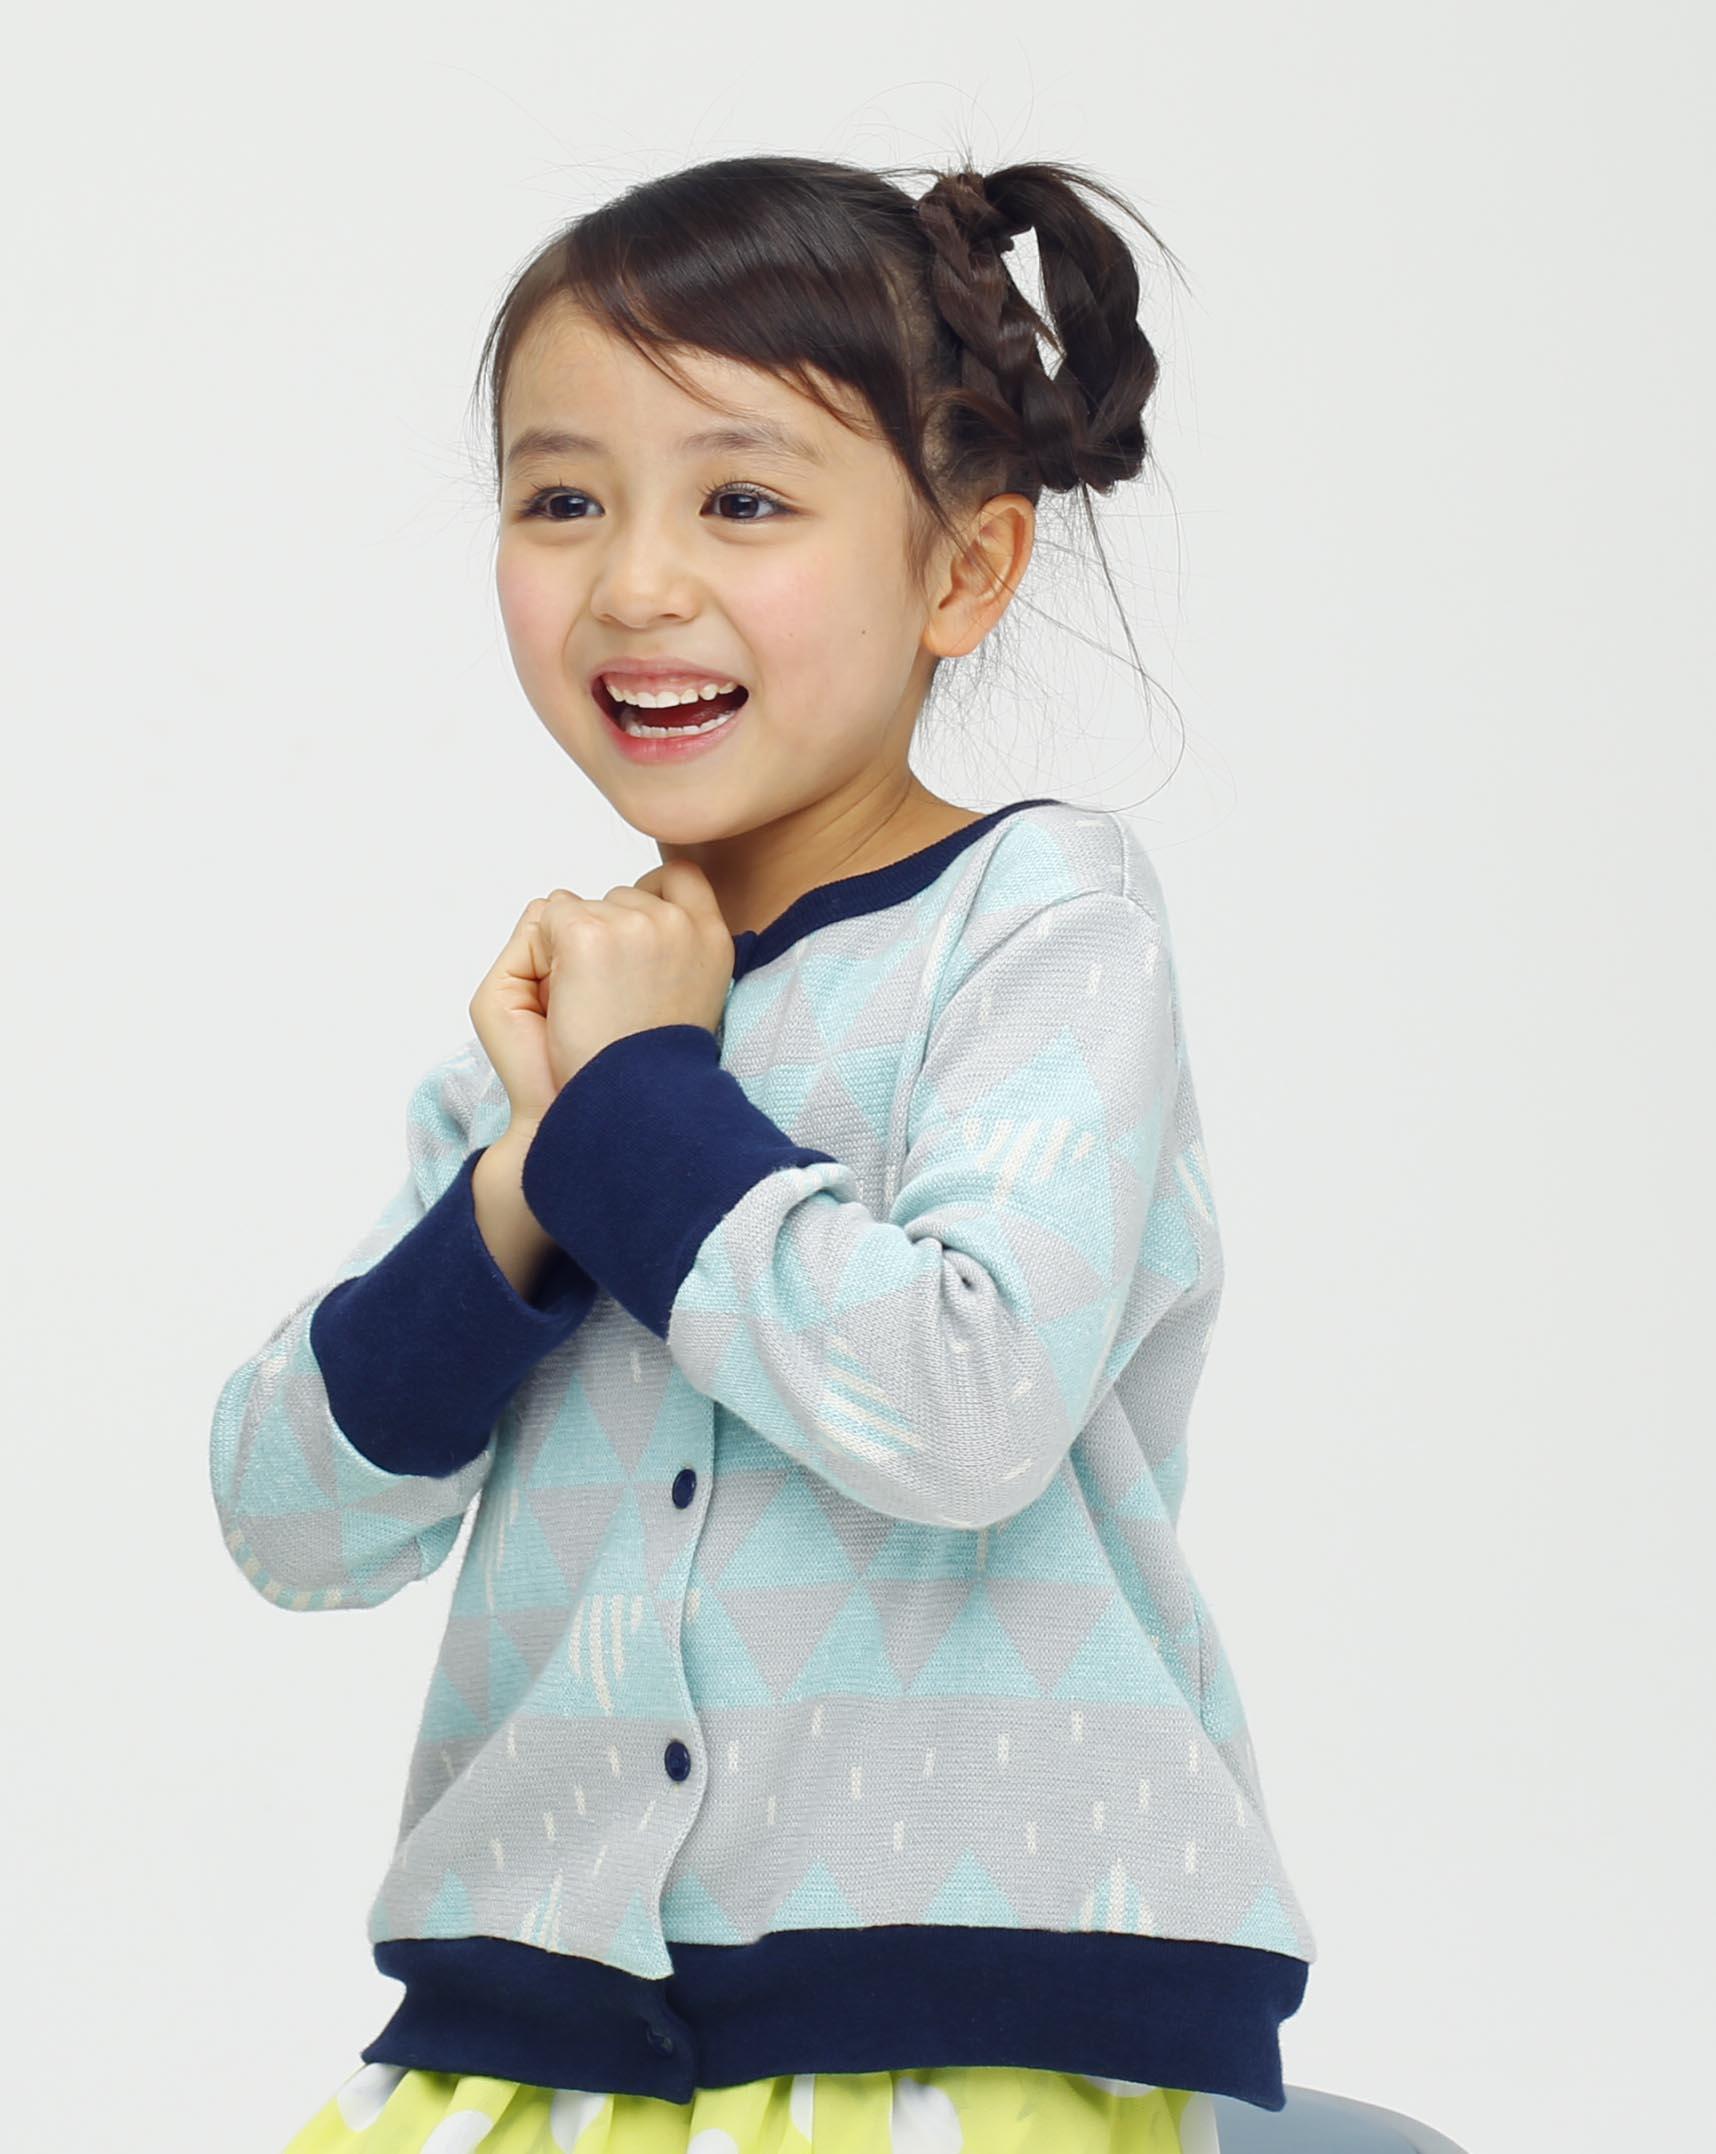 日本一かわいい小学生!? 元『小学一年生』モデル・元倉あかりちゃん